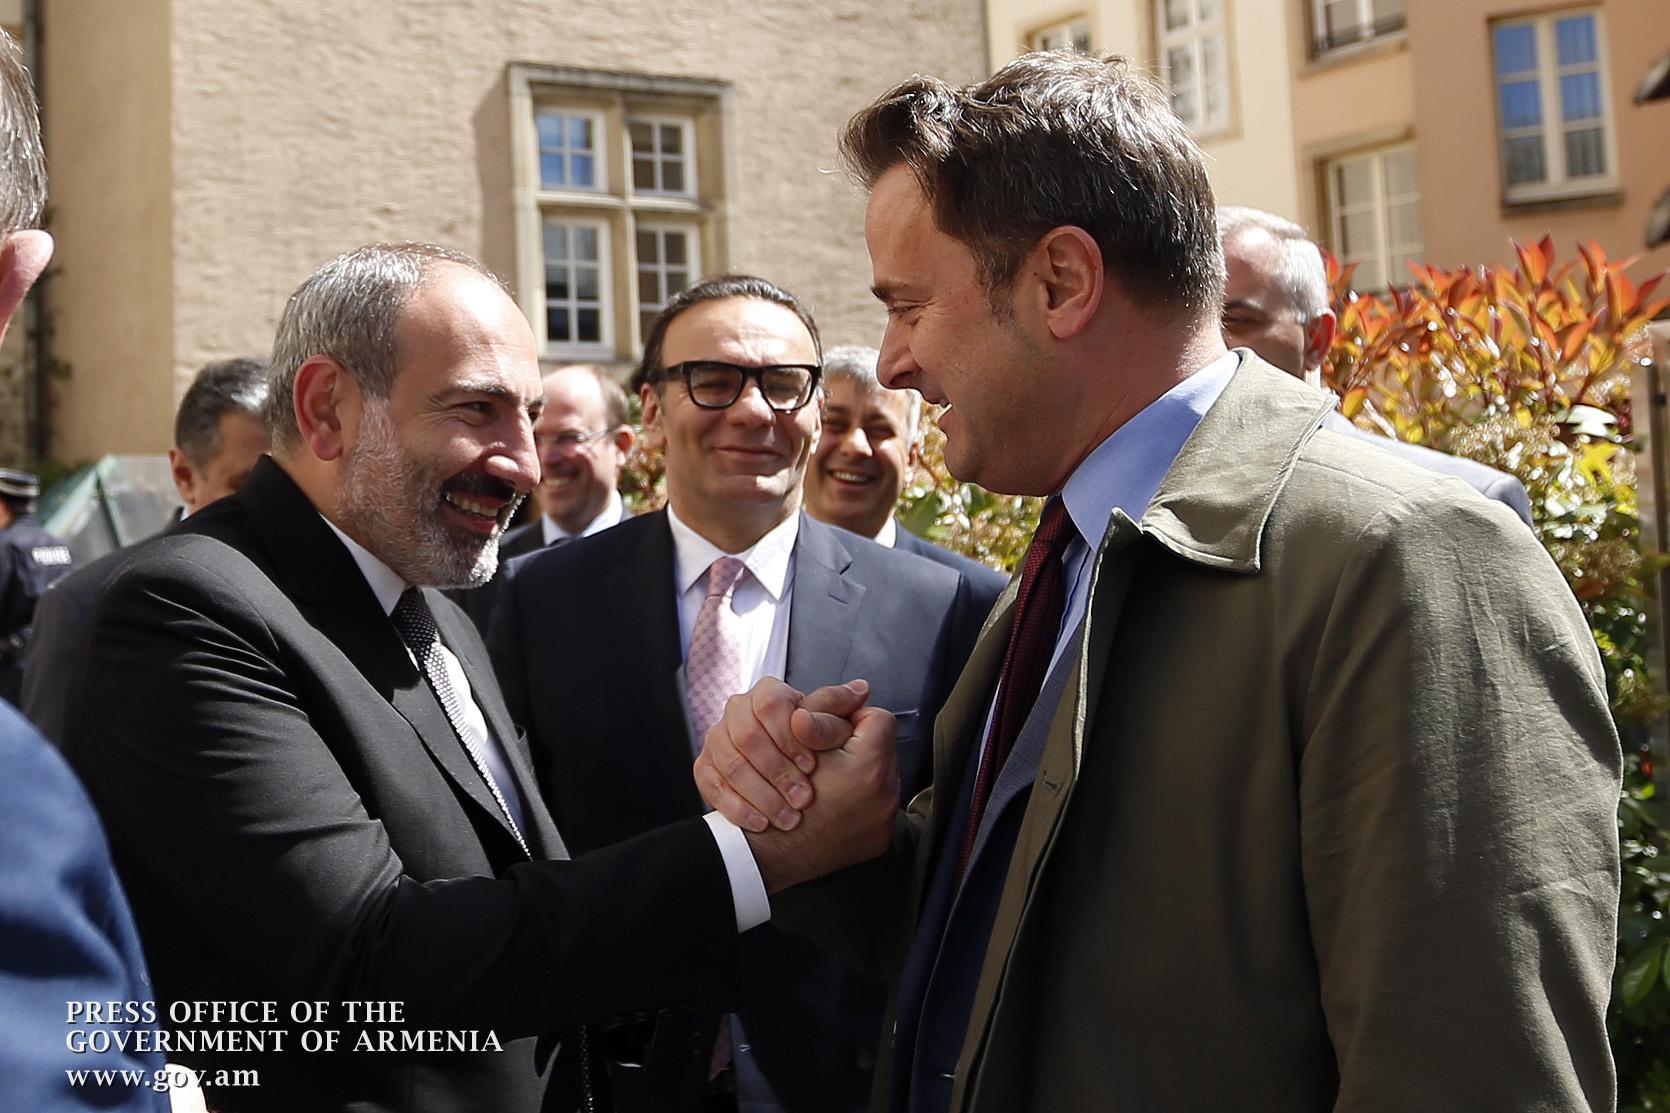 Լյուքսեմբուրգը պատրաստ է ակտիվորեն օժանդակել Հայաստանի կառավարությանը